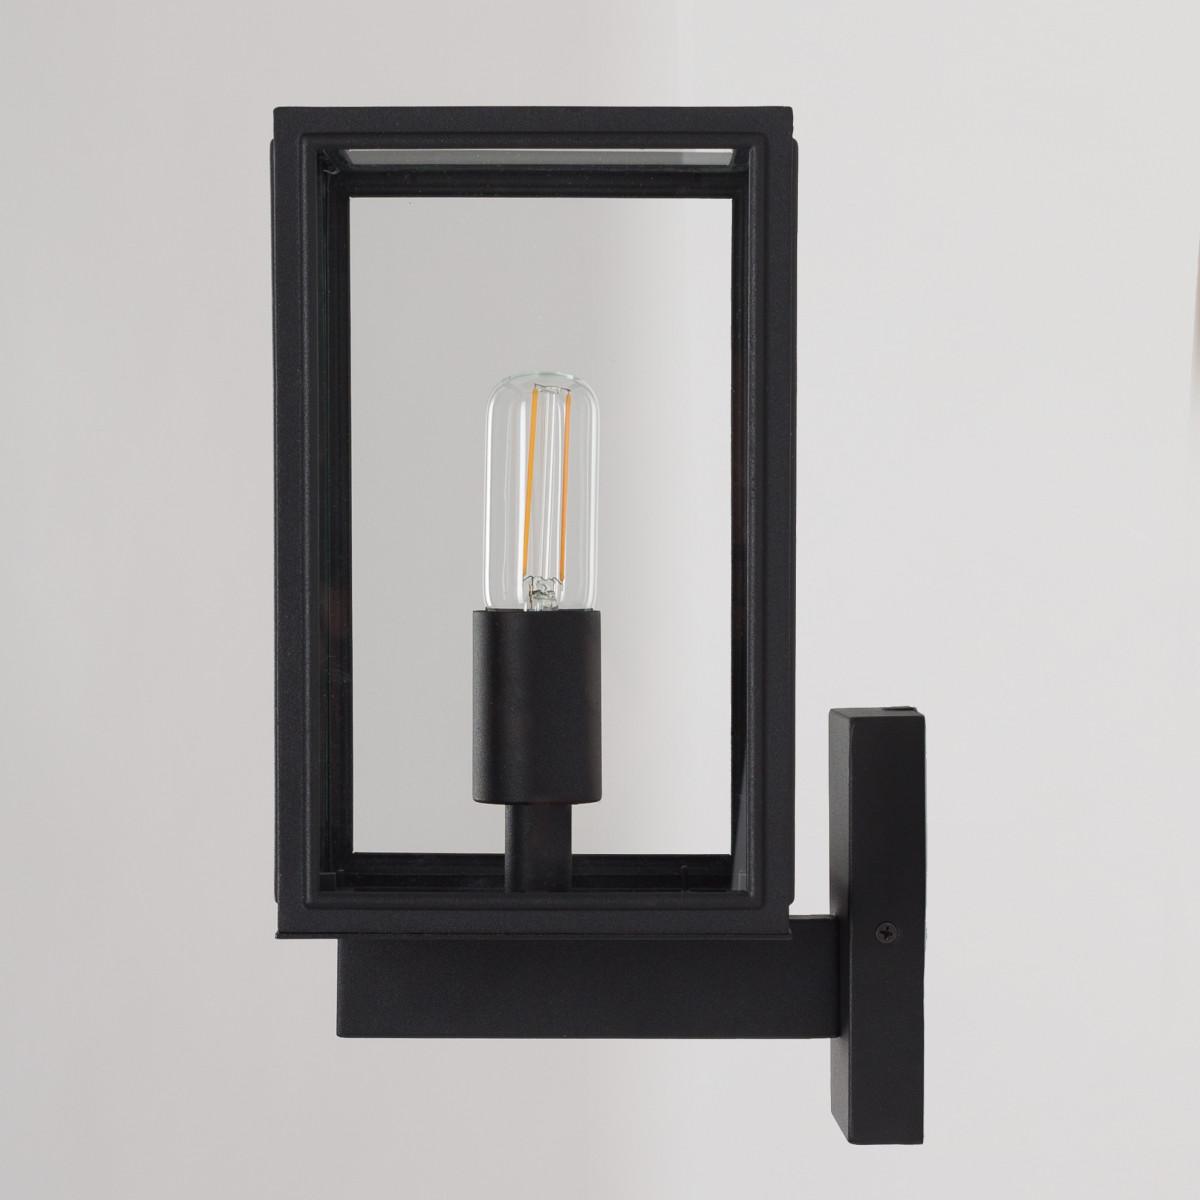 buitenlamp Soho met dag en nacht sensor - buitenverlichting - RVS mat zwart